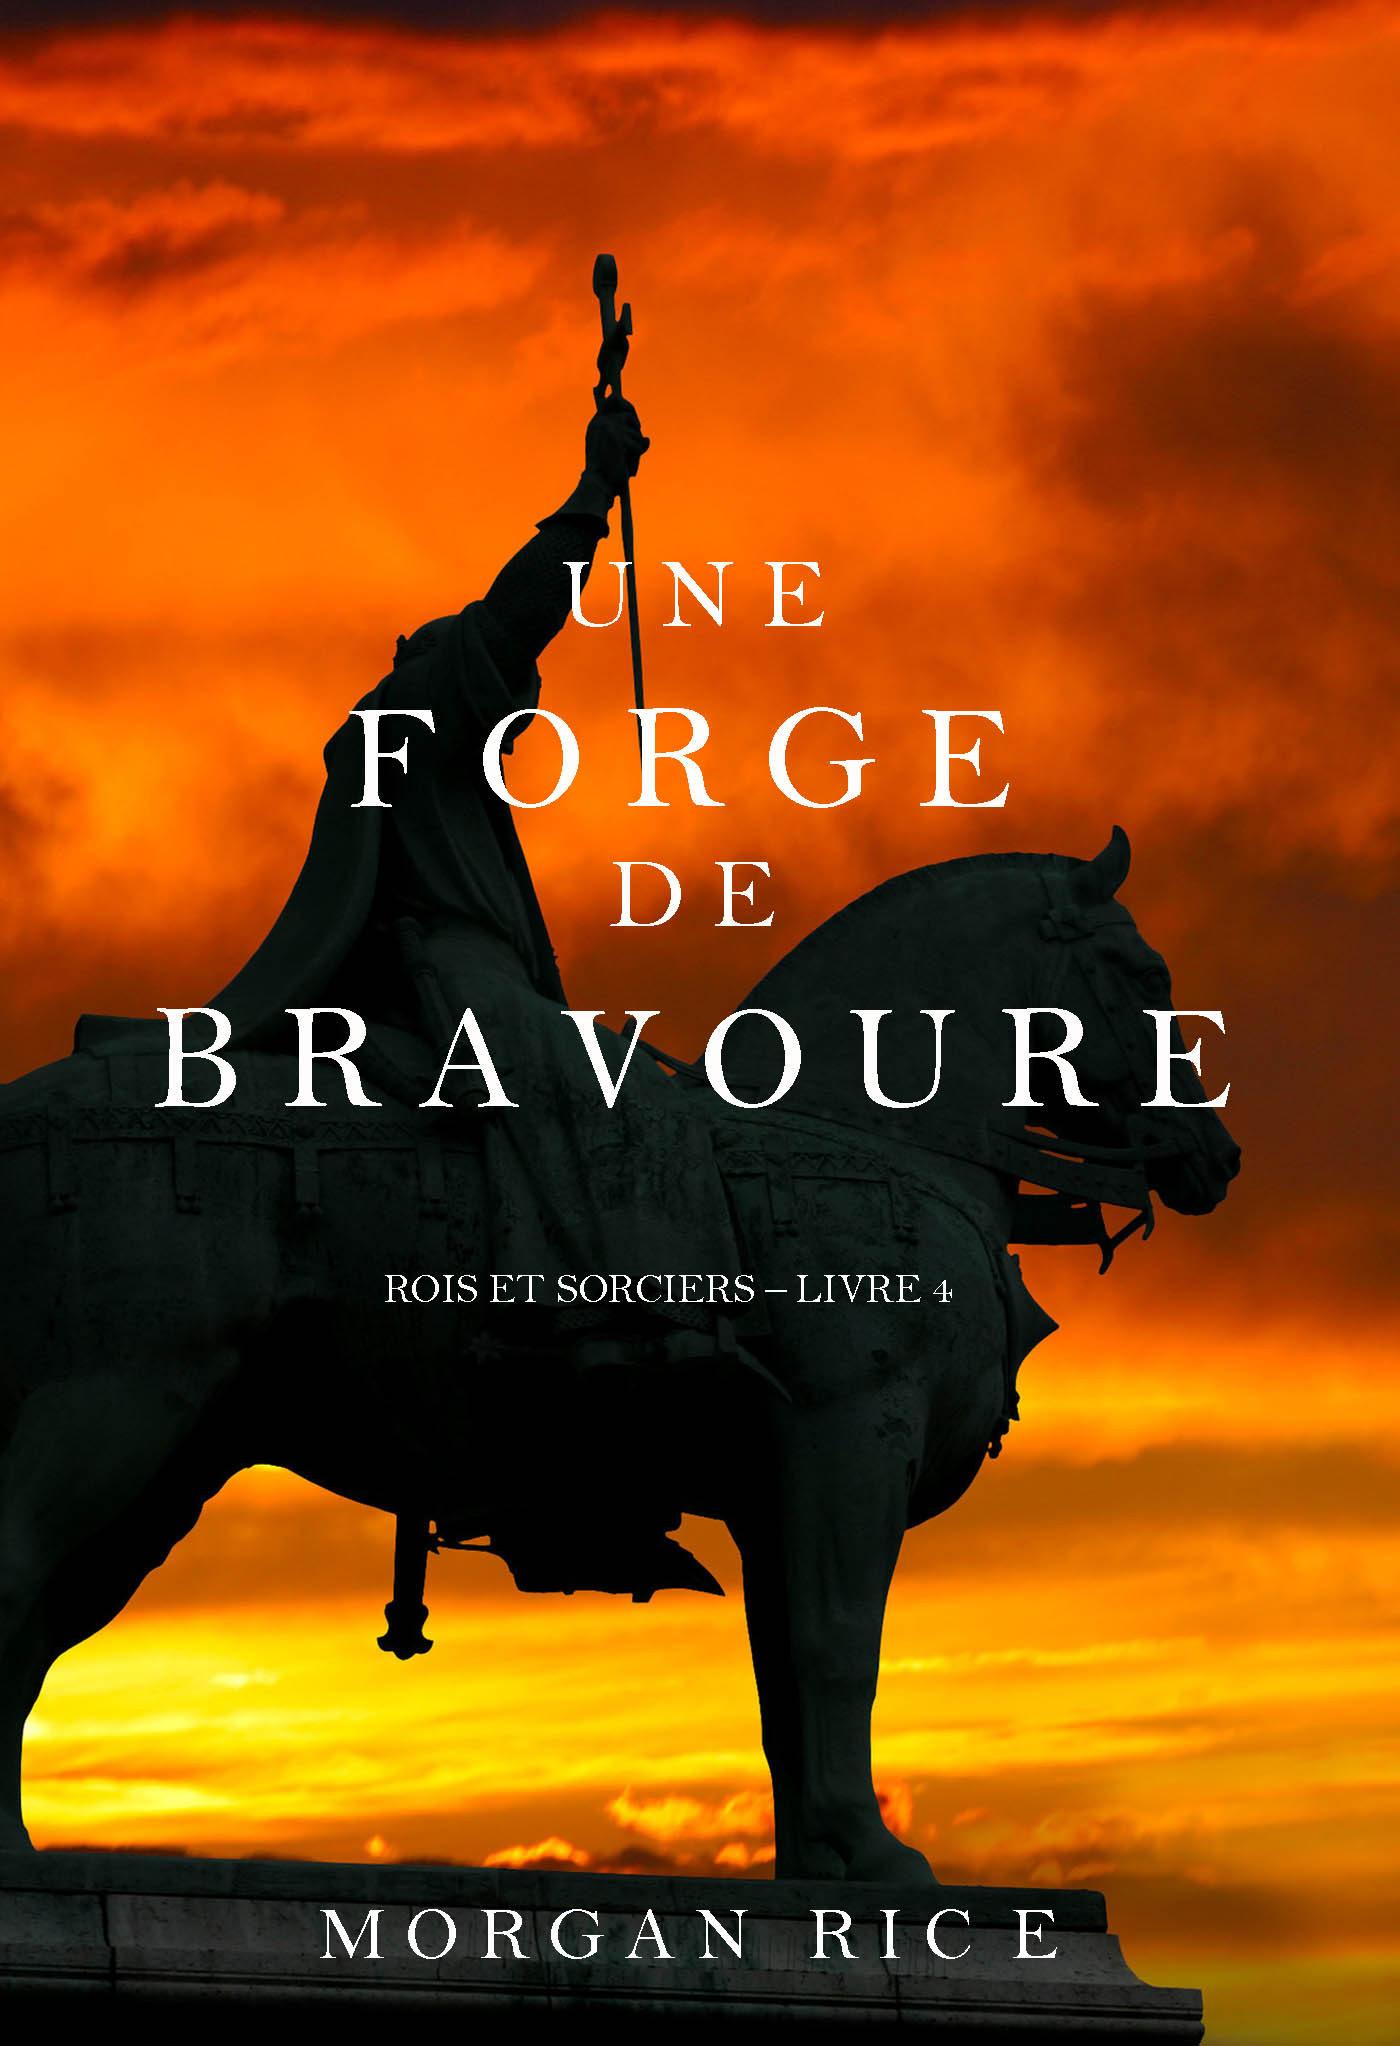 лучшая цена Морган Райс Une Forge de Bravoure